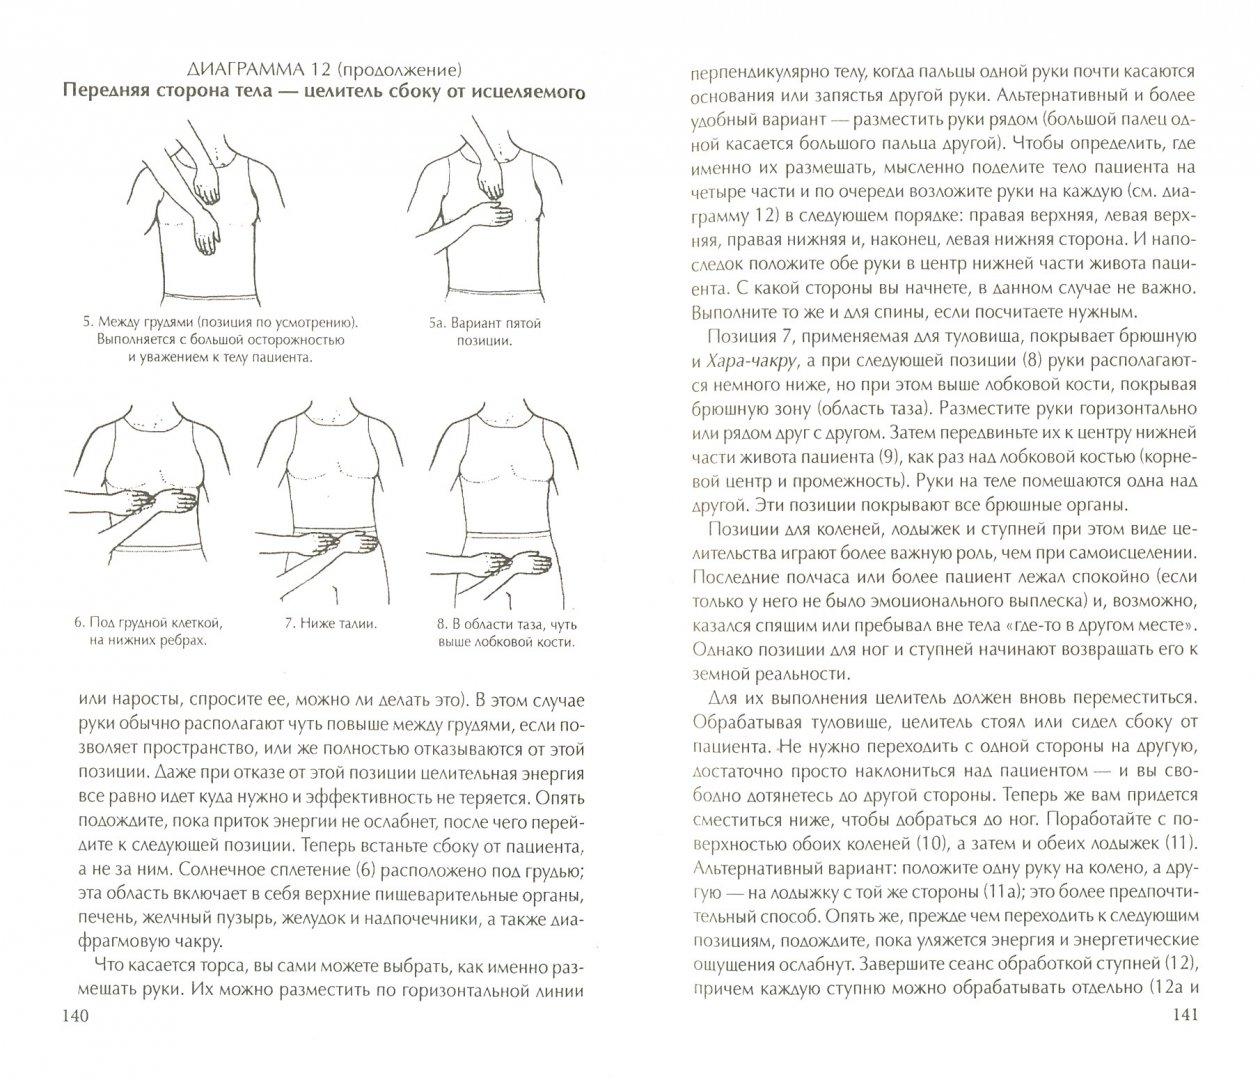 Иллюстрация 1 из 17 для Основы психического целительства. Полное руководство по исцелению себя и своих близких - Дайяна Стайн | Лабиринт - книги. Источник: Лабиринт